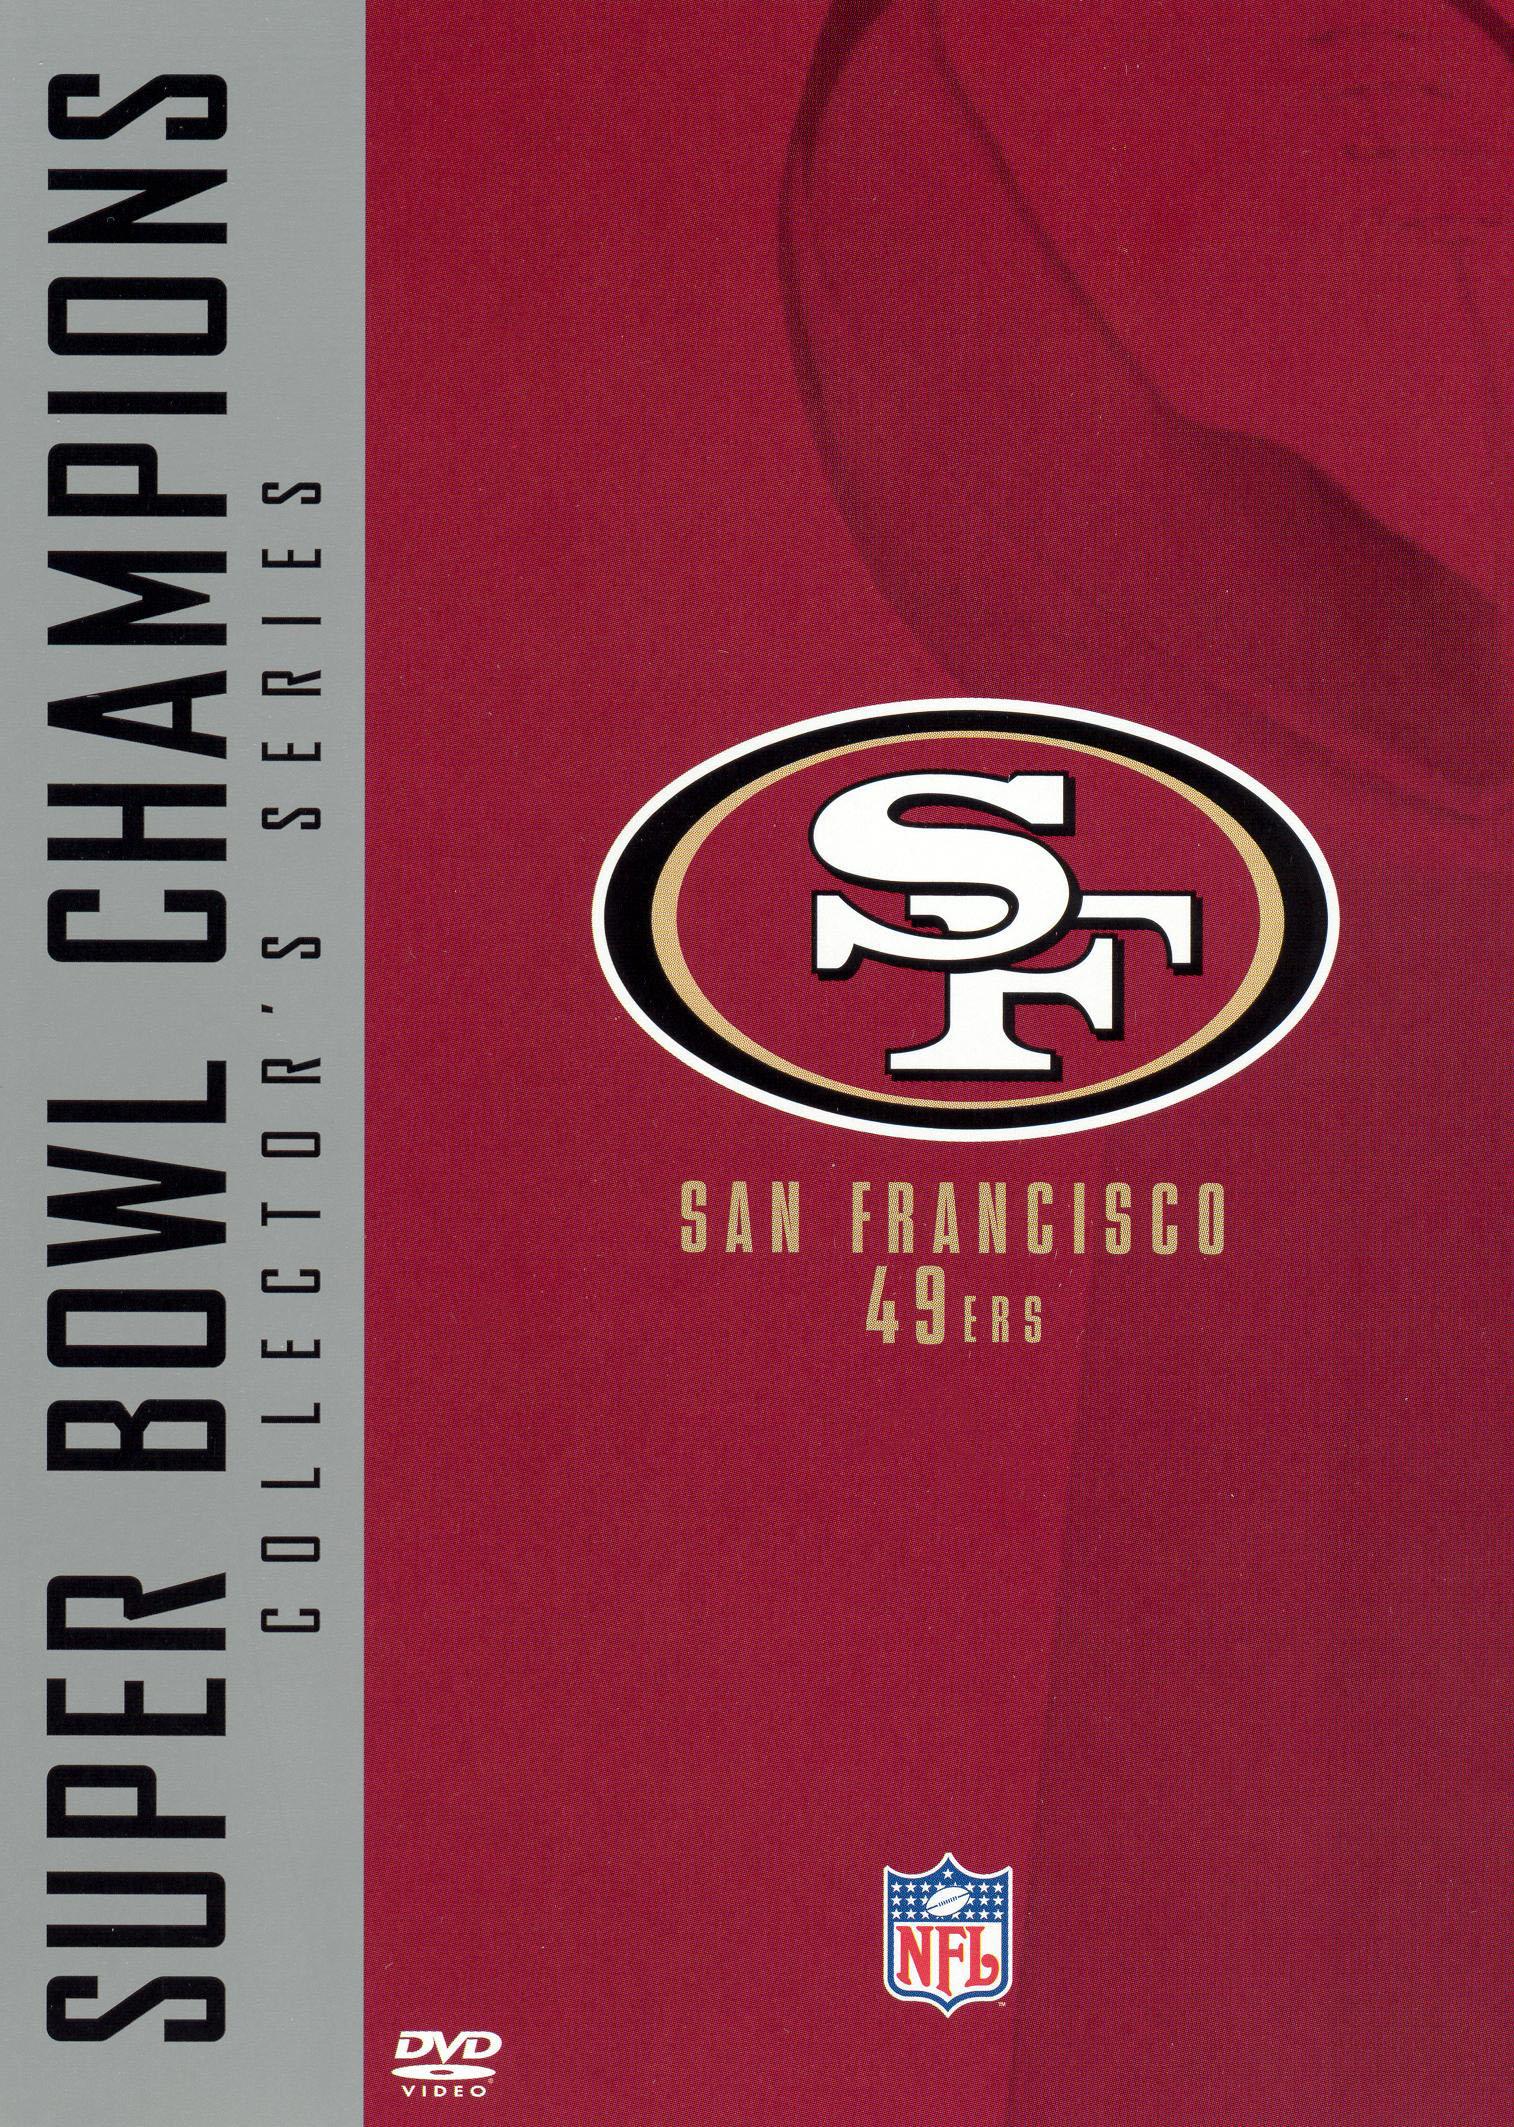 NFL: Super Bowl Champions - San Francisco 49ers